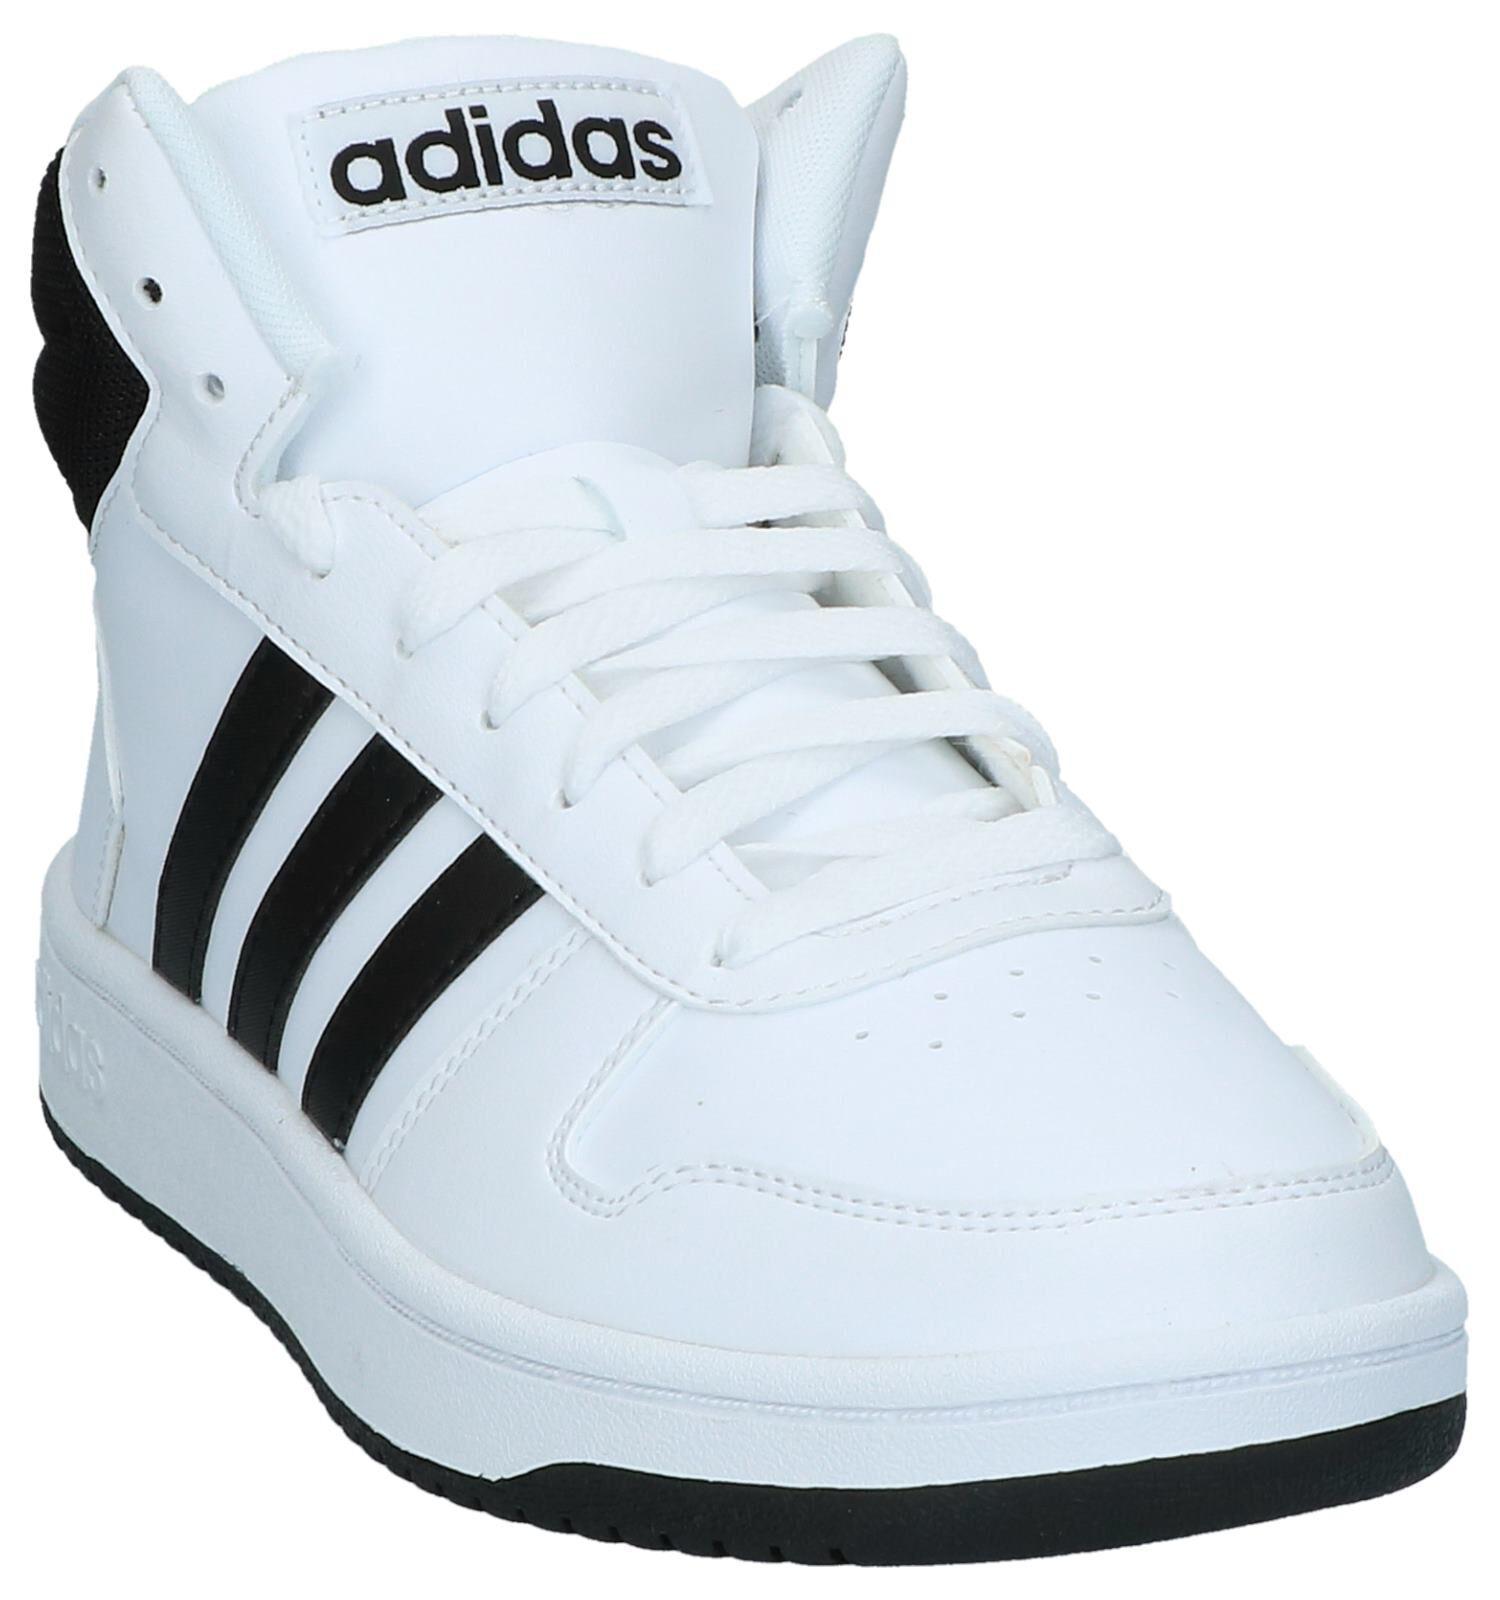 Adidas ADI HOOP 2 MID Hoge sneakers Wit Schoenen kopen